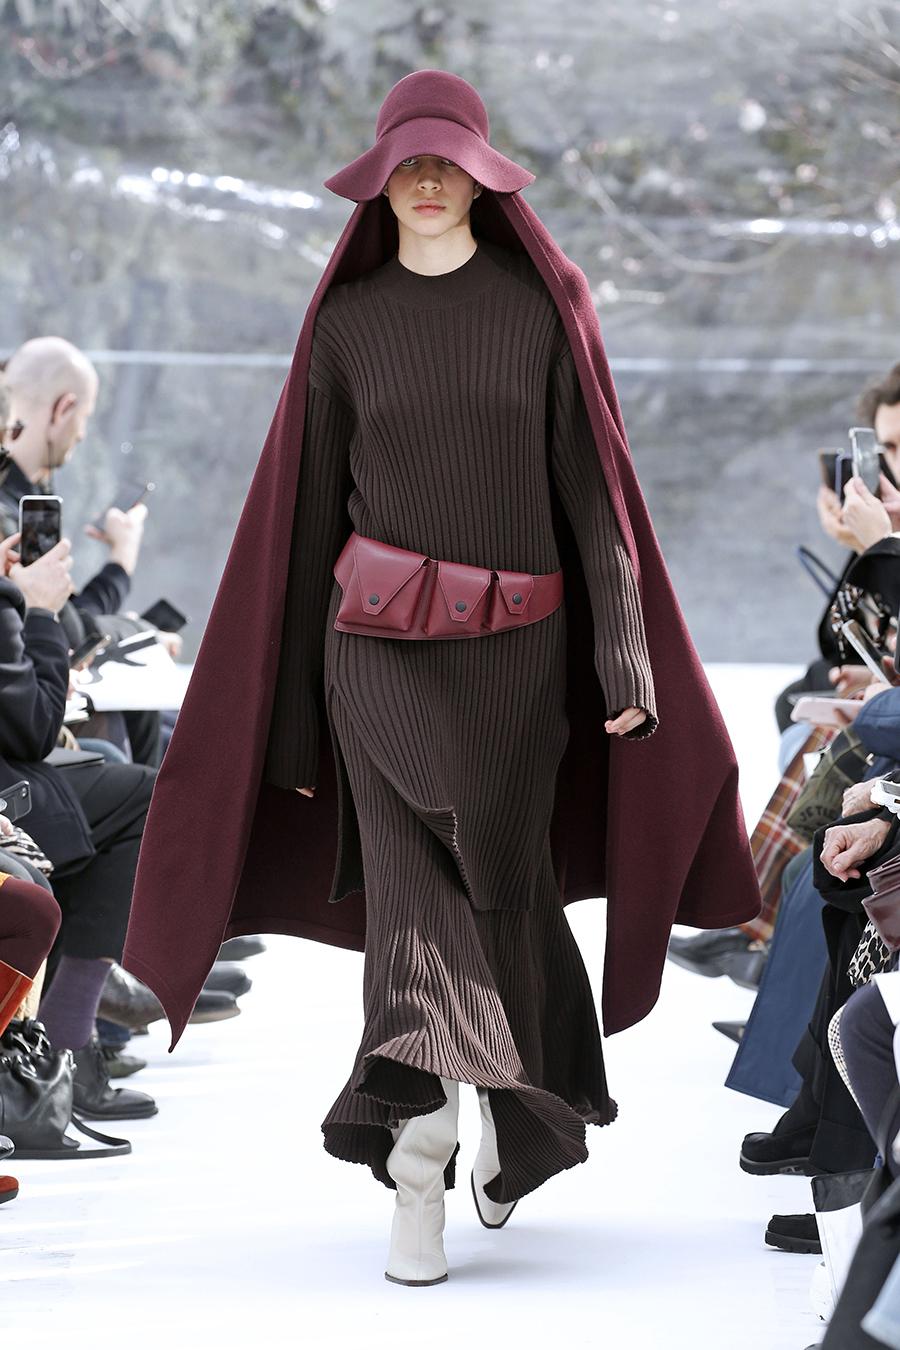 вязаное трикотажное платье макси в пол длинное теплое в рубчик в обтяжку бордоове коричневое винное марсала